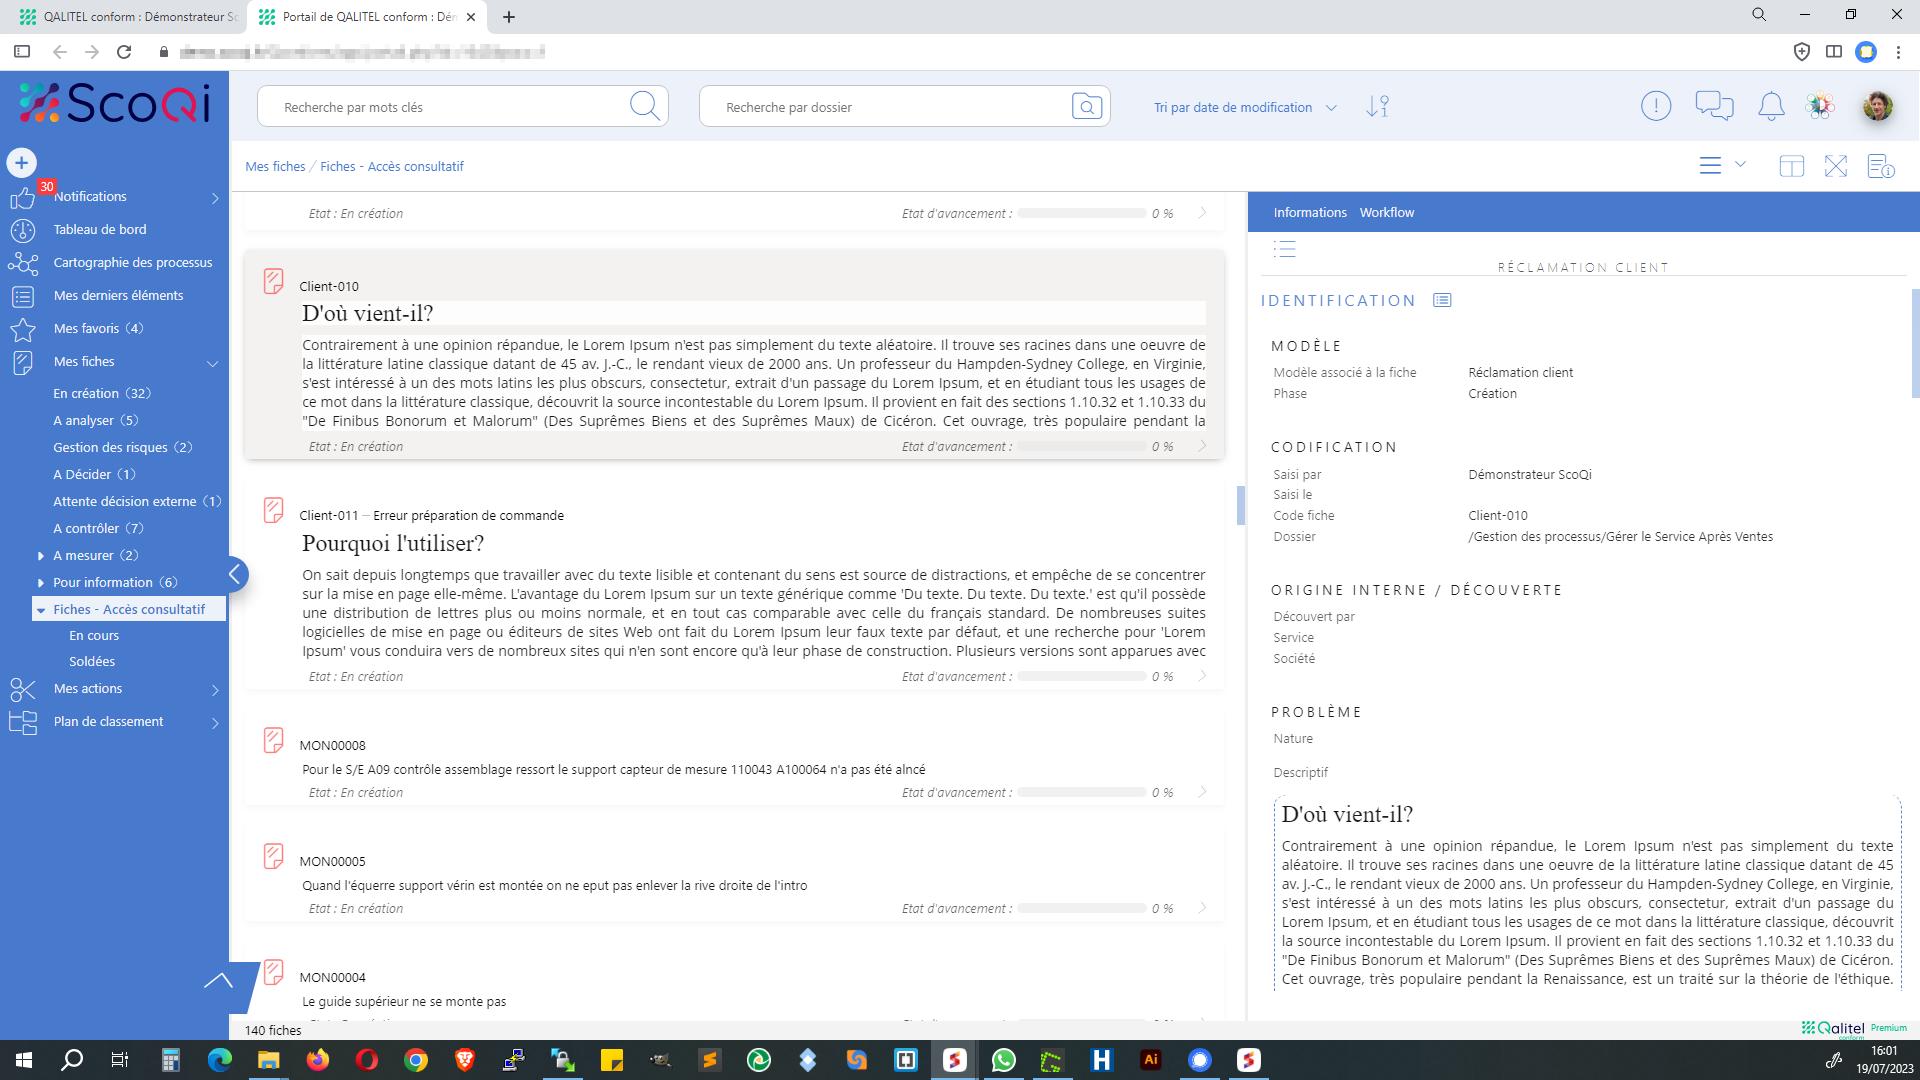 Portail utilisateur de QALITEL conform - Gestion des non-conformités et actions préventives et correctives